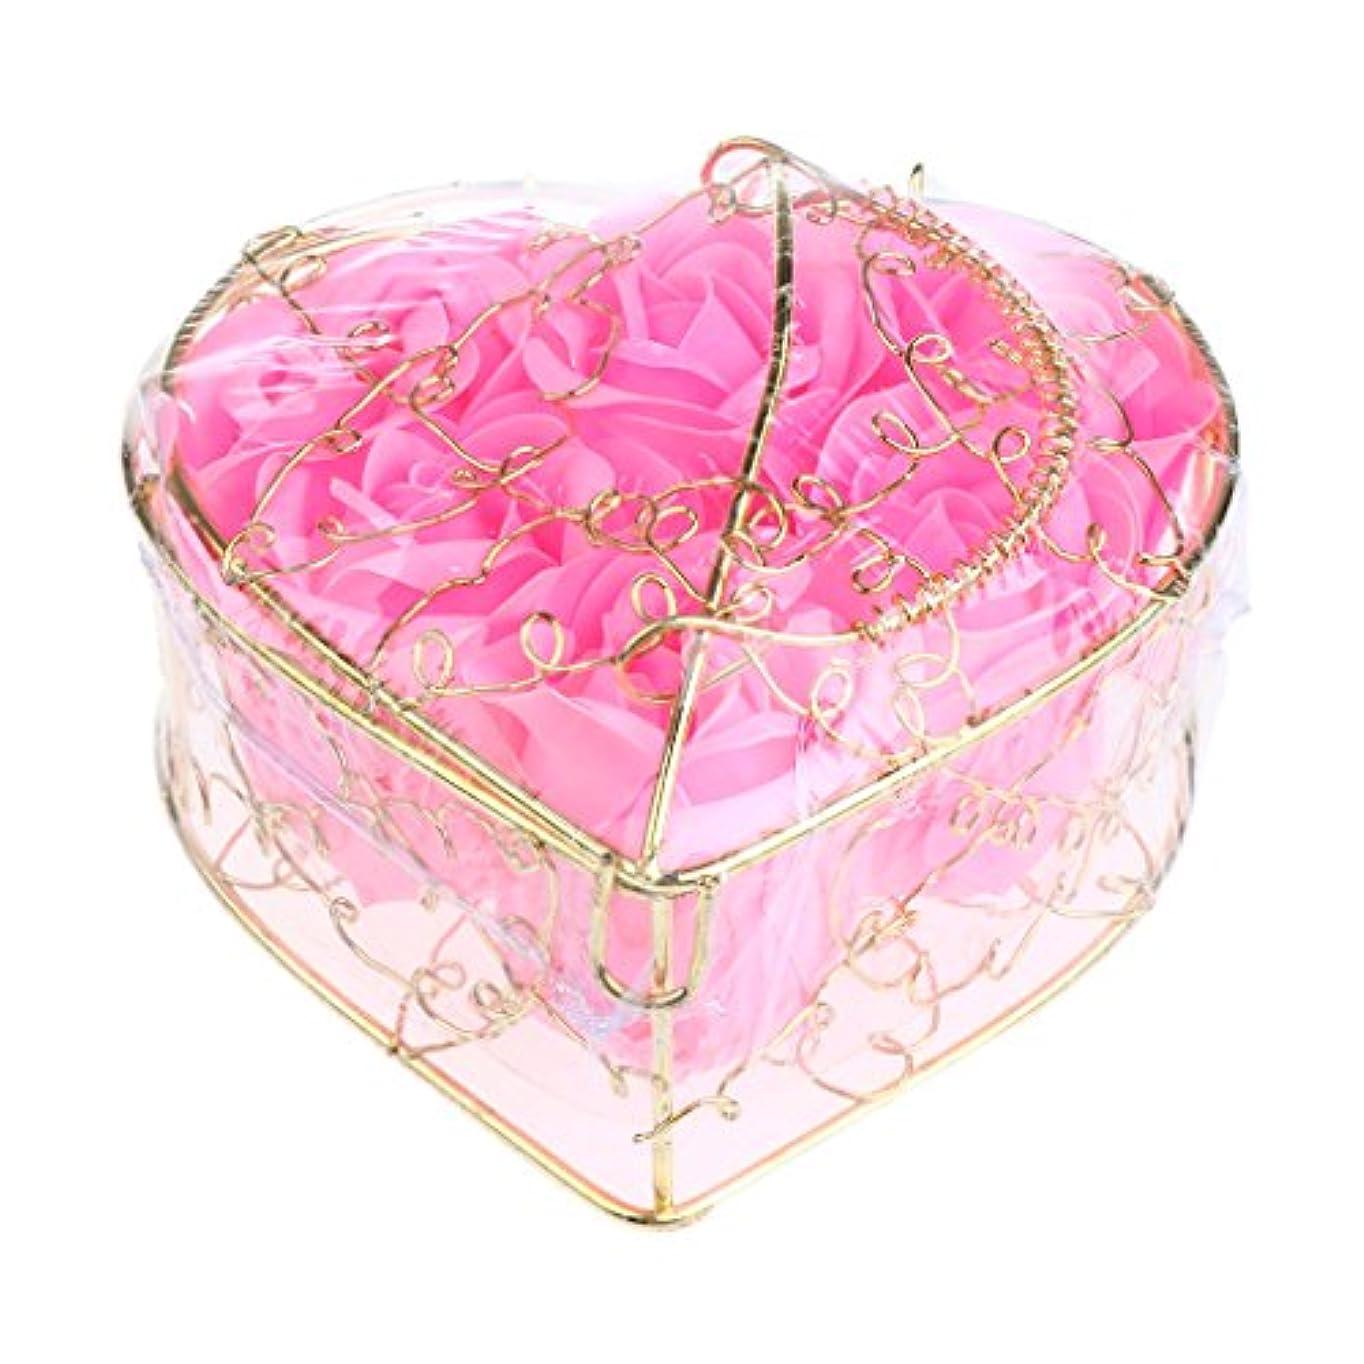 騒ぎ雨メアリアンジョーンズ6個 石鹸の花 バラ 石鹸の花びら 母の日 ギフトボックス ロマンチック 全5タイプ選べる - ピンク